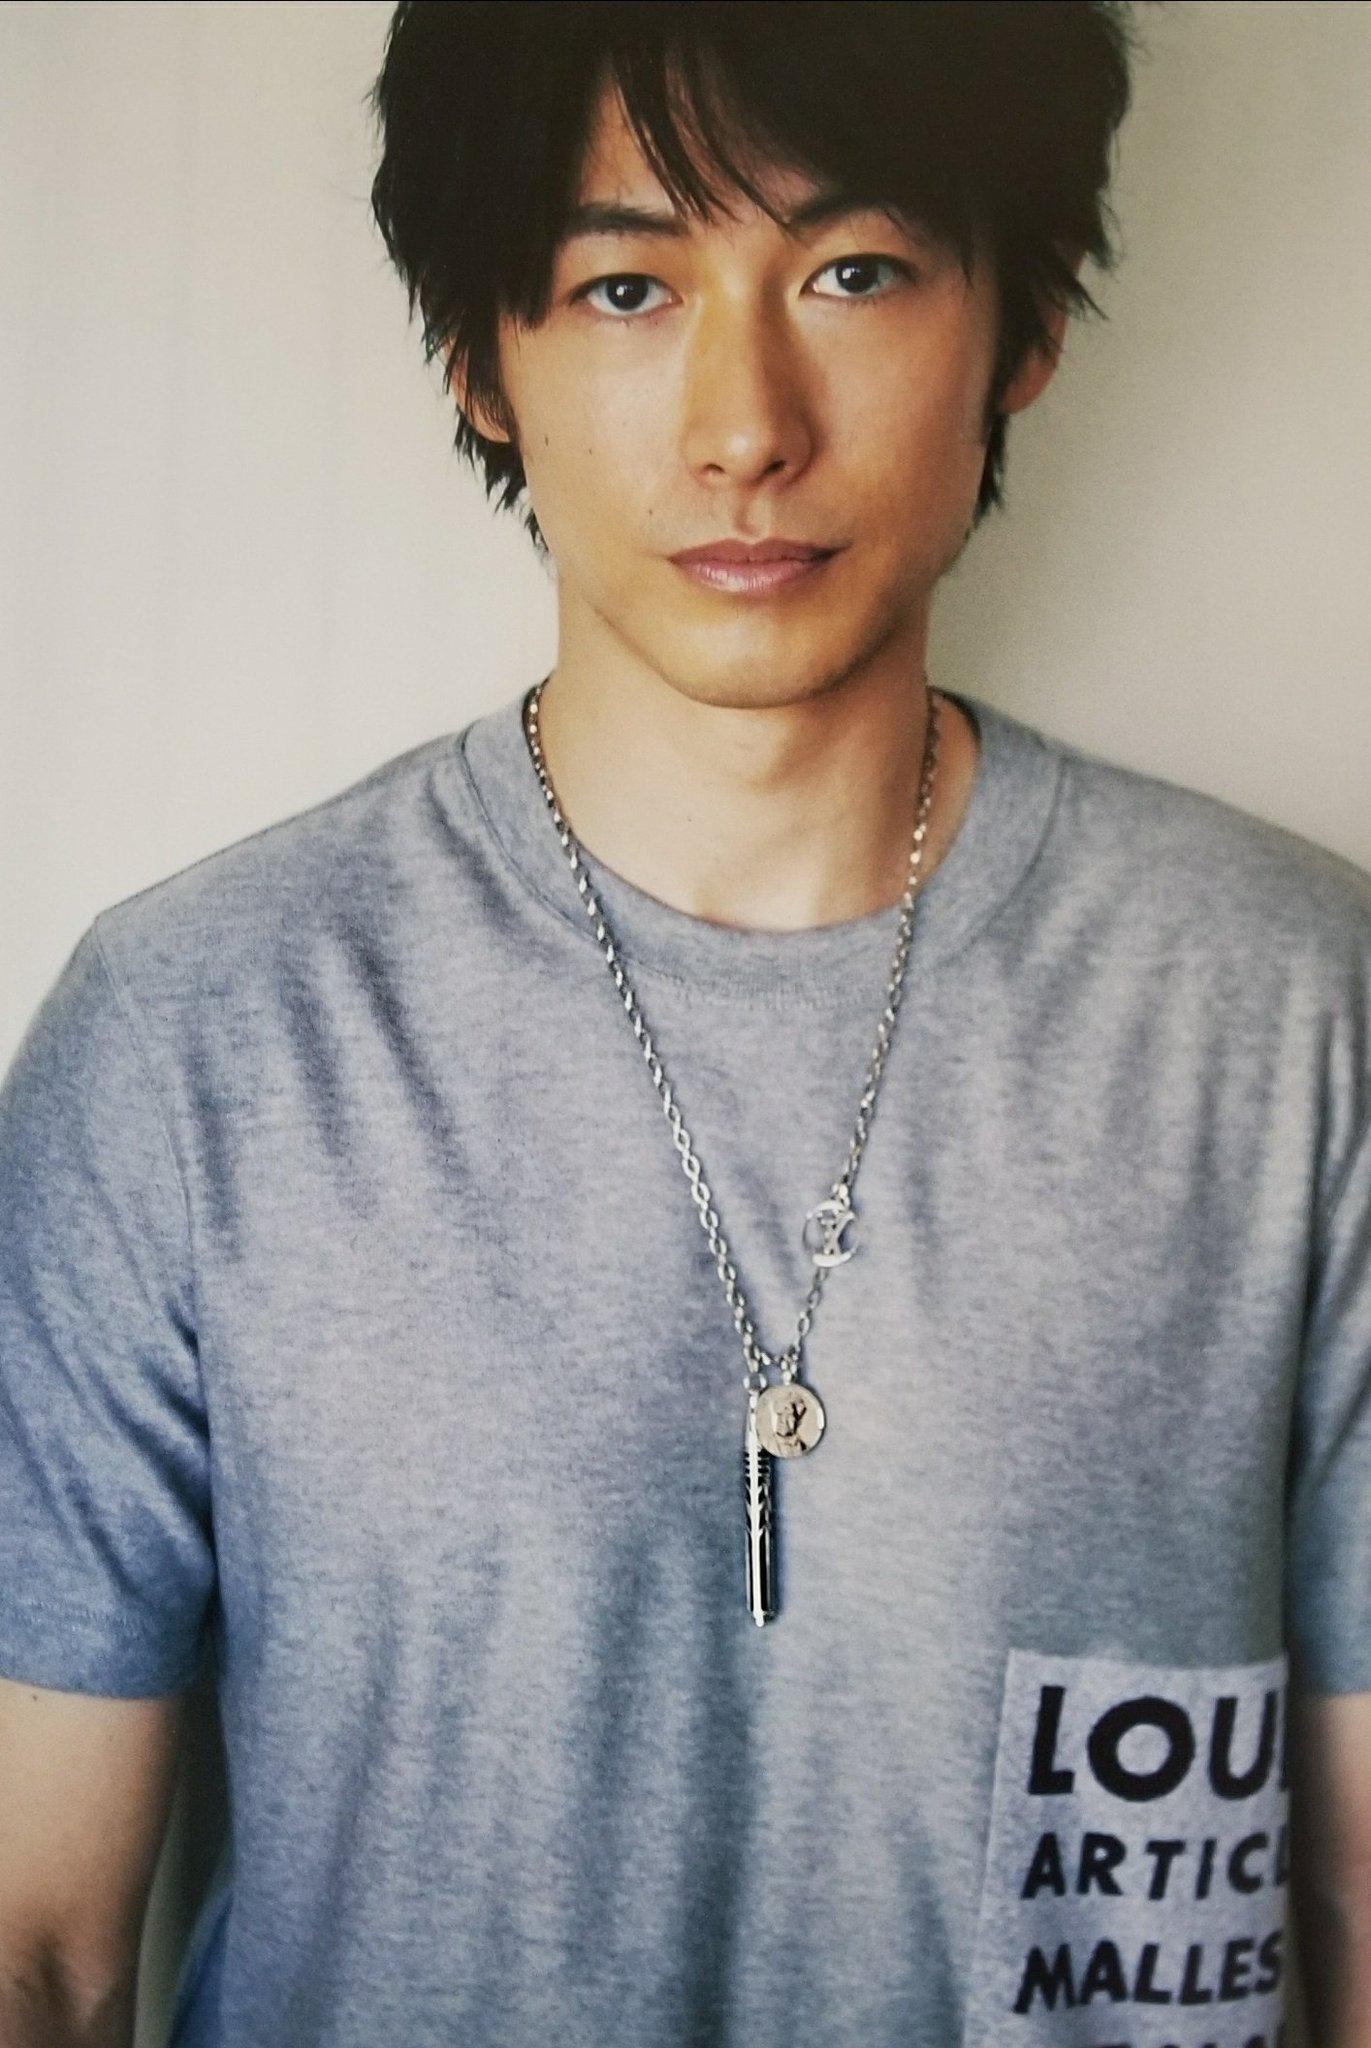 Dean Fujioka ヘアスタイル メンズ 40代 美しい男 でぃーんふじおか